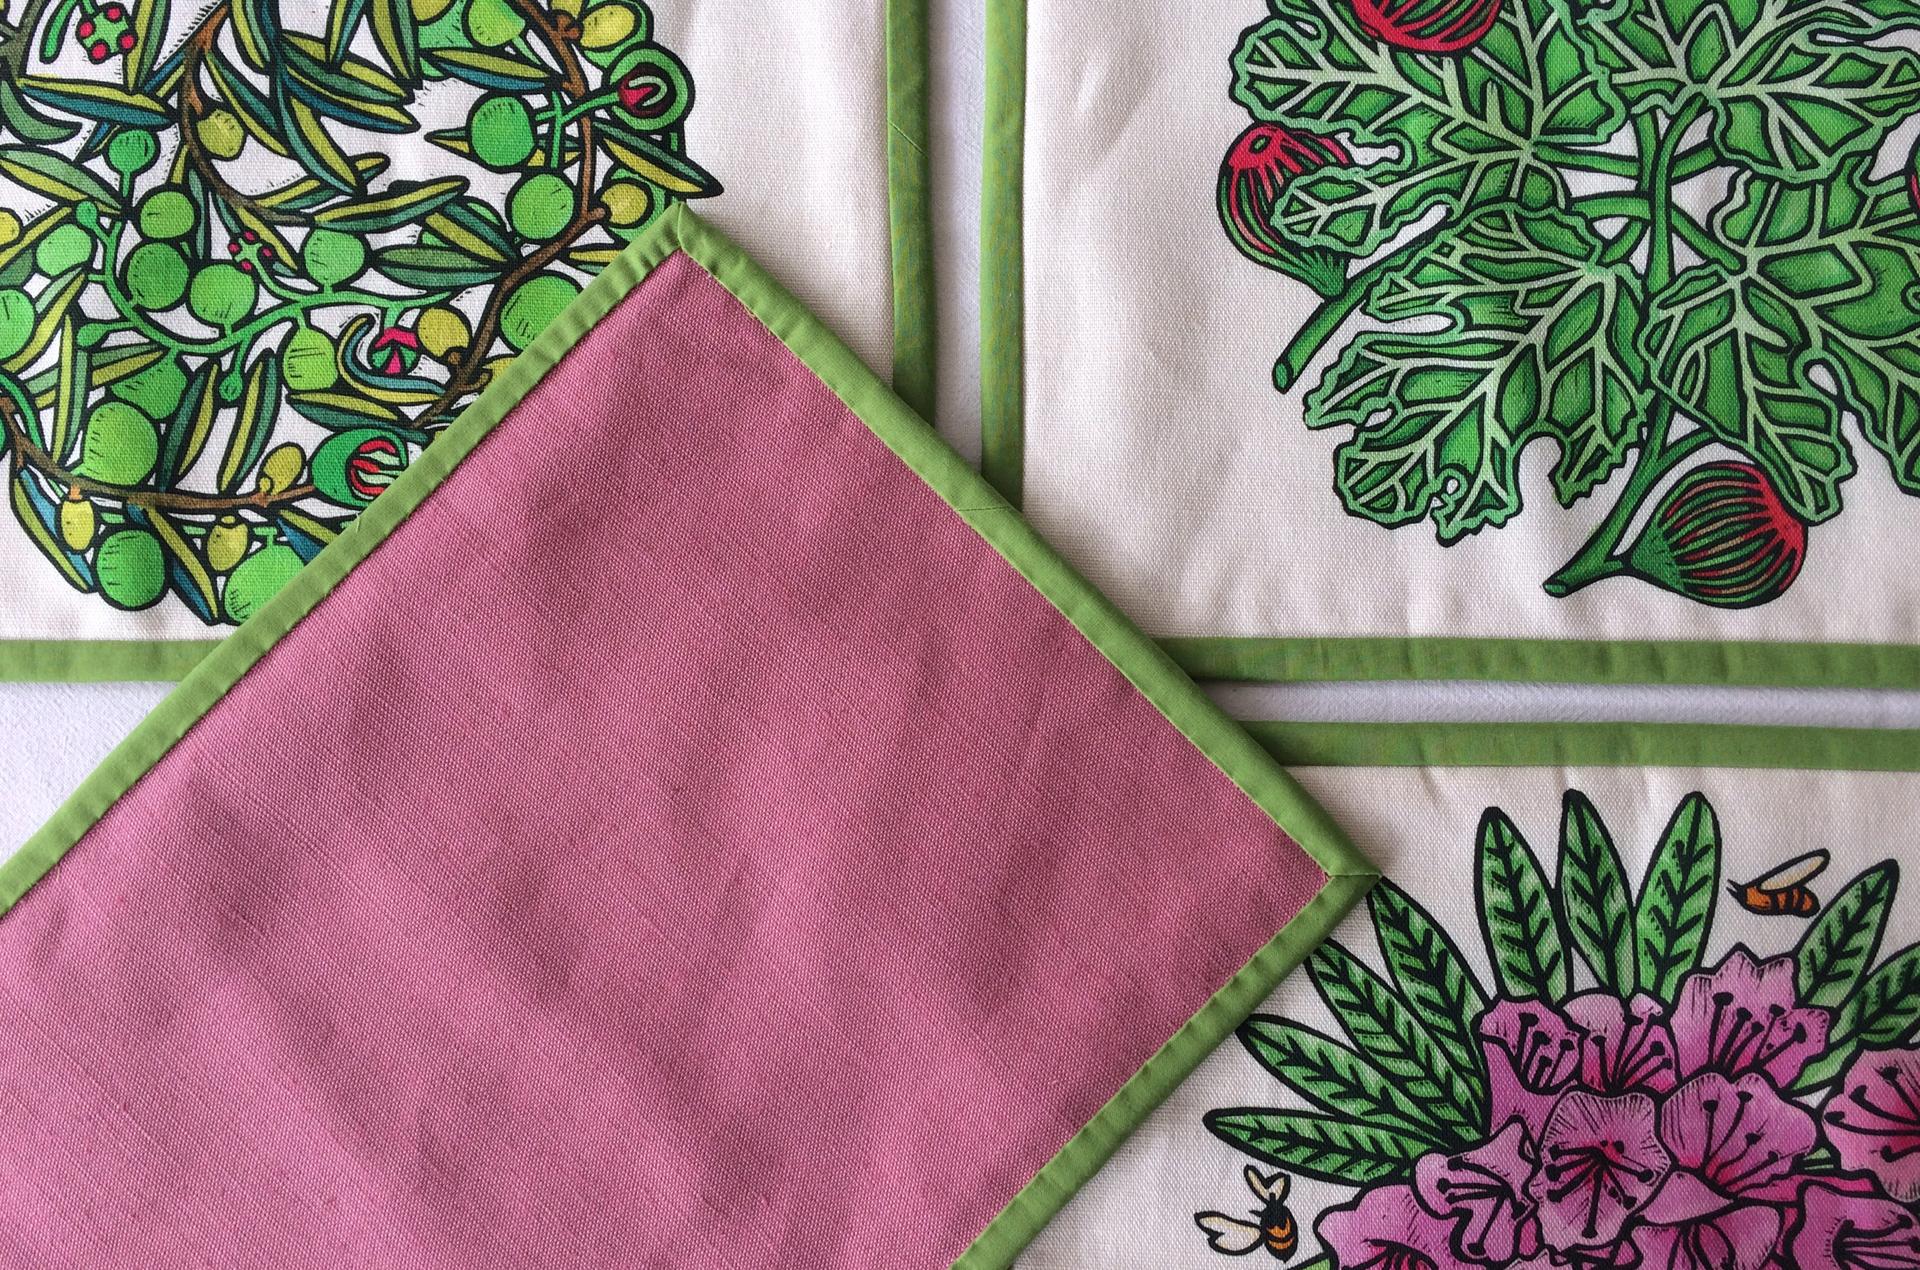 Textile Place Mats